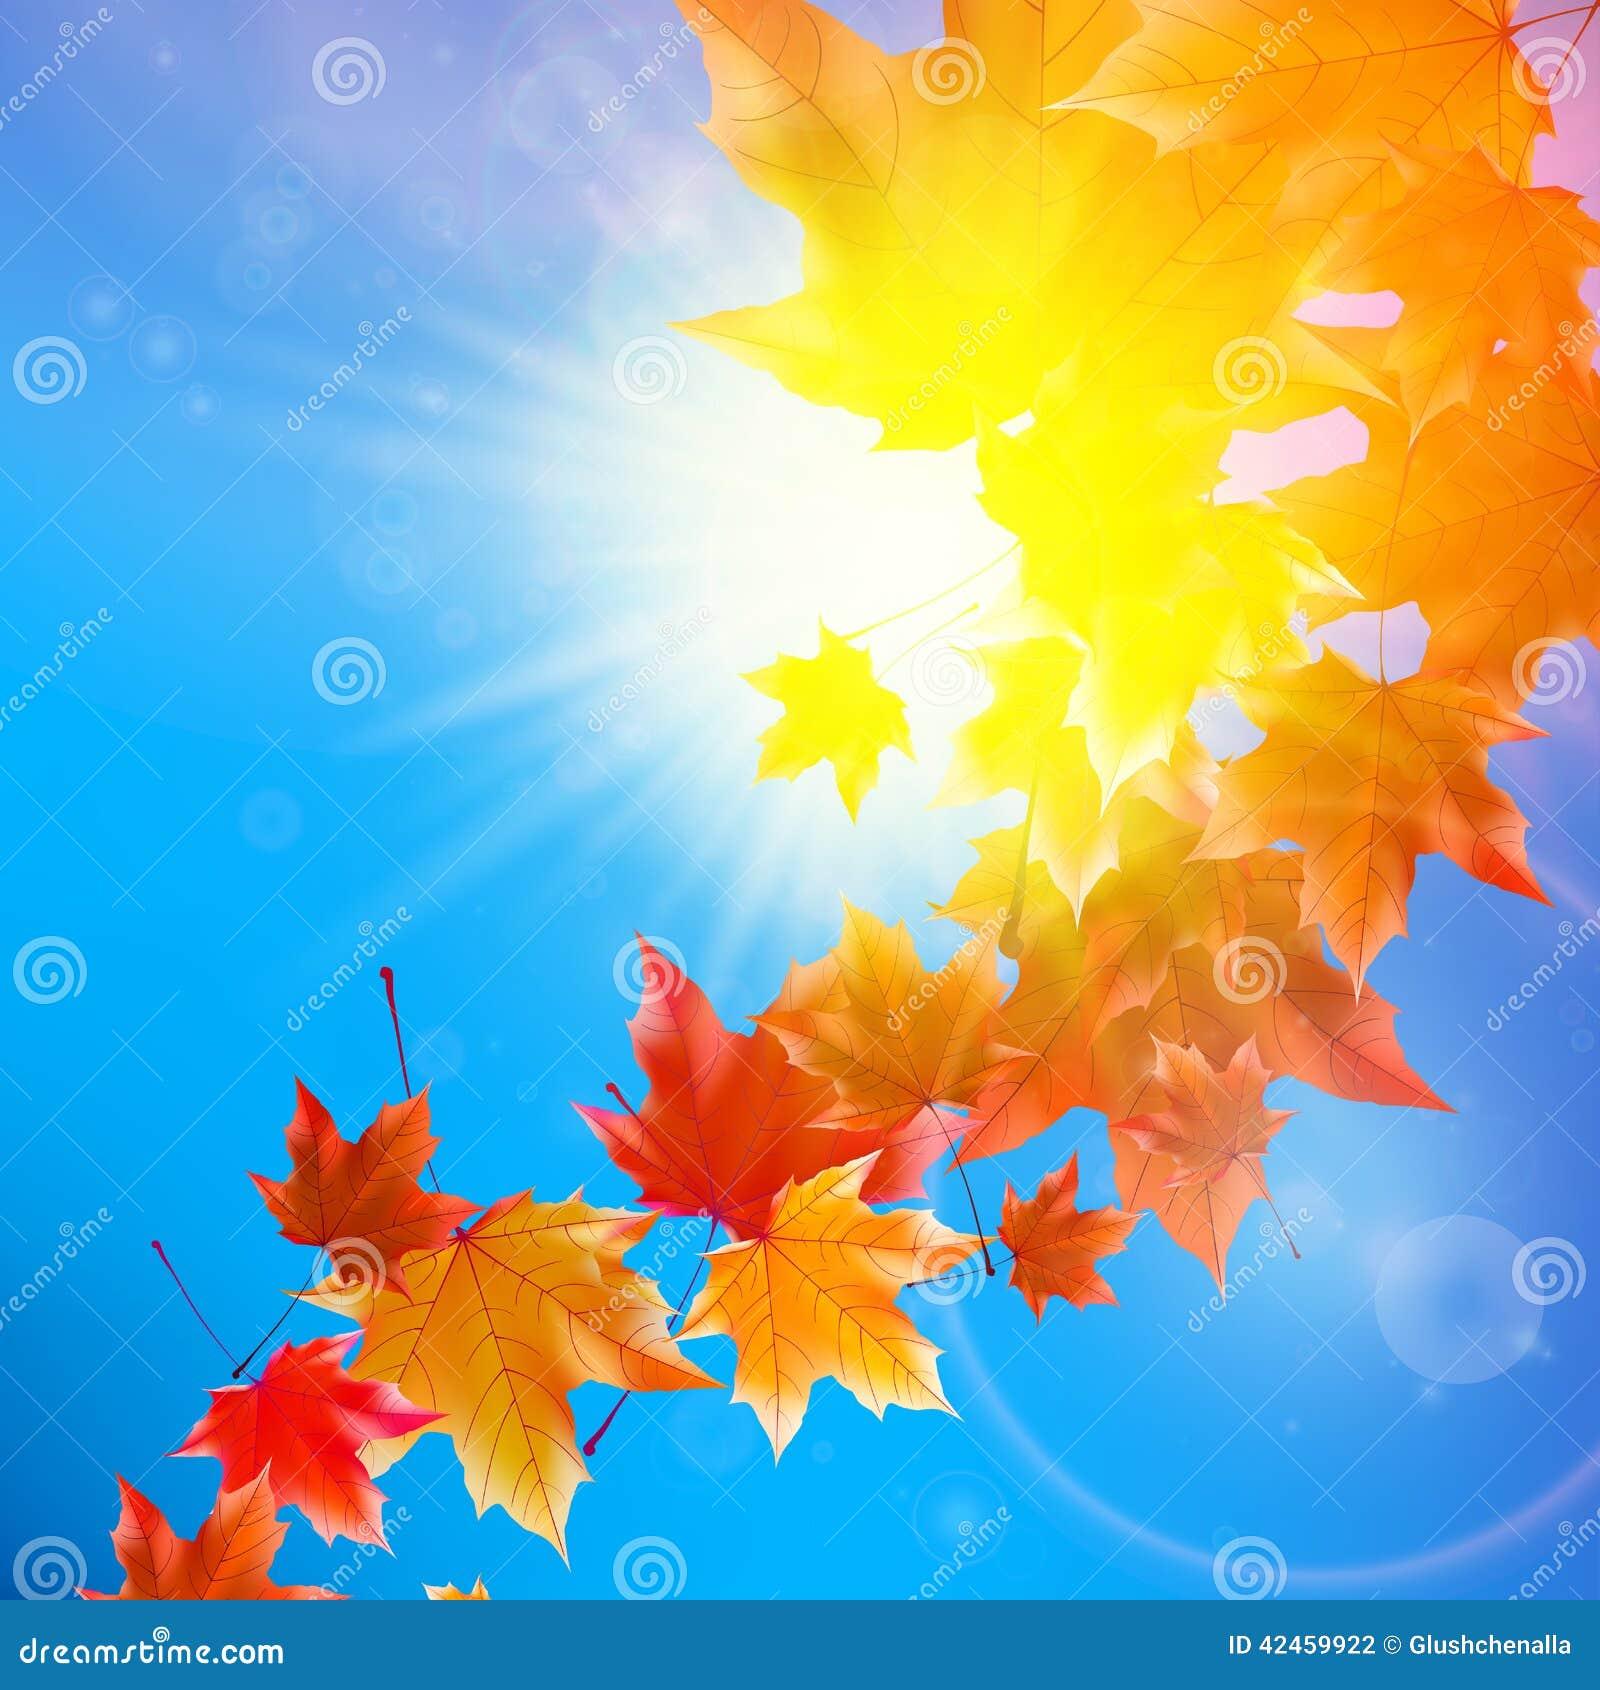 Empfindliche Herbstsonne mit grellem Glanz auf blauem Himmel